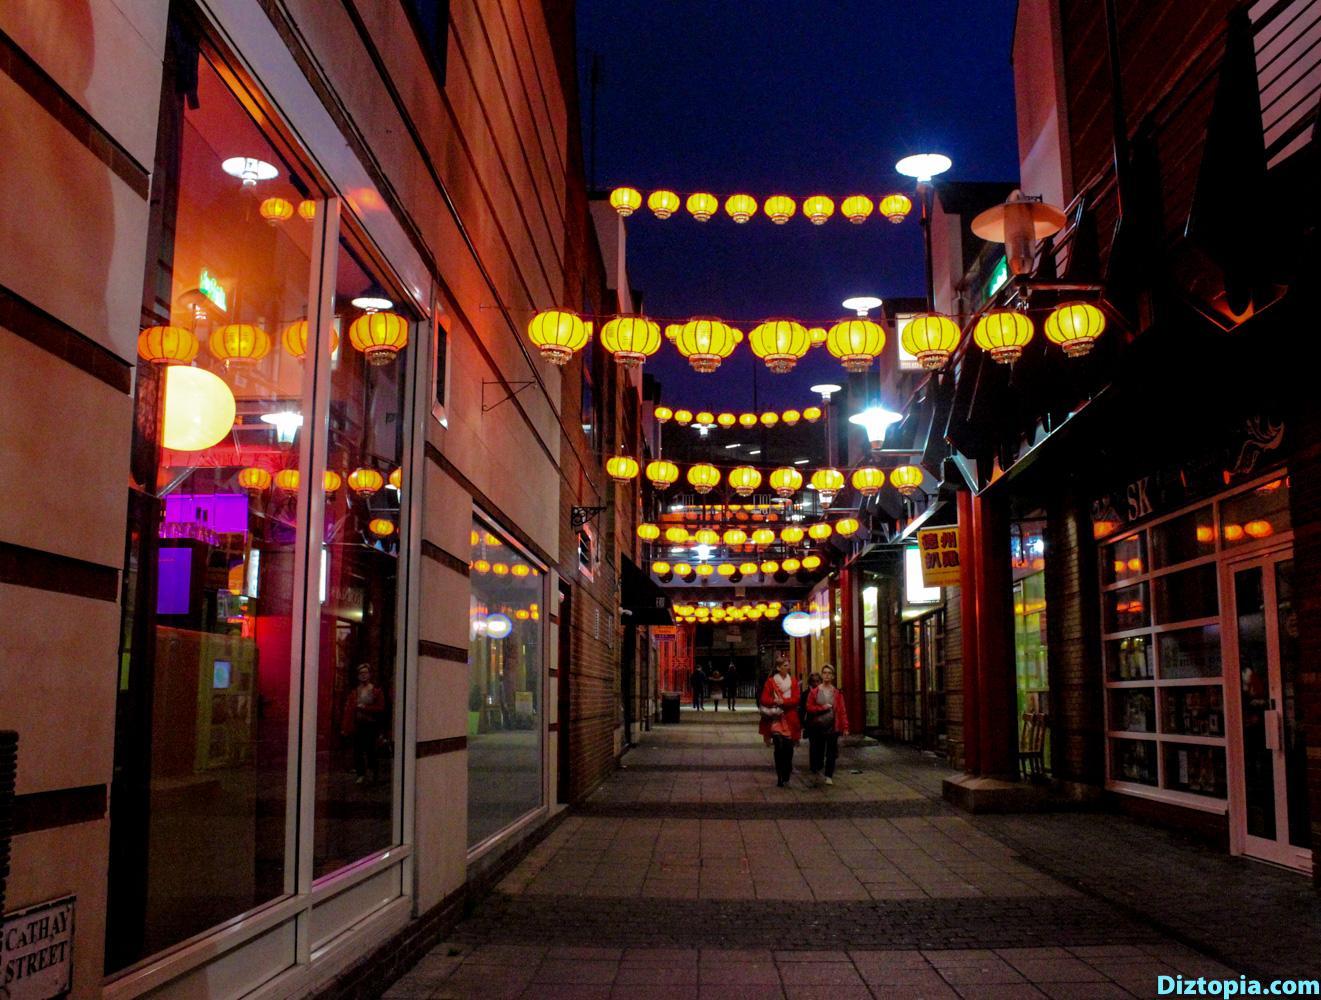 Birmingham-Canal-City-Diztopia-Photography-Night-Dizma-Dahl-China-Town-UK-Blog-4